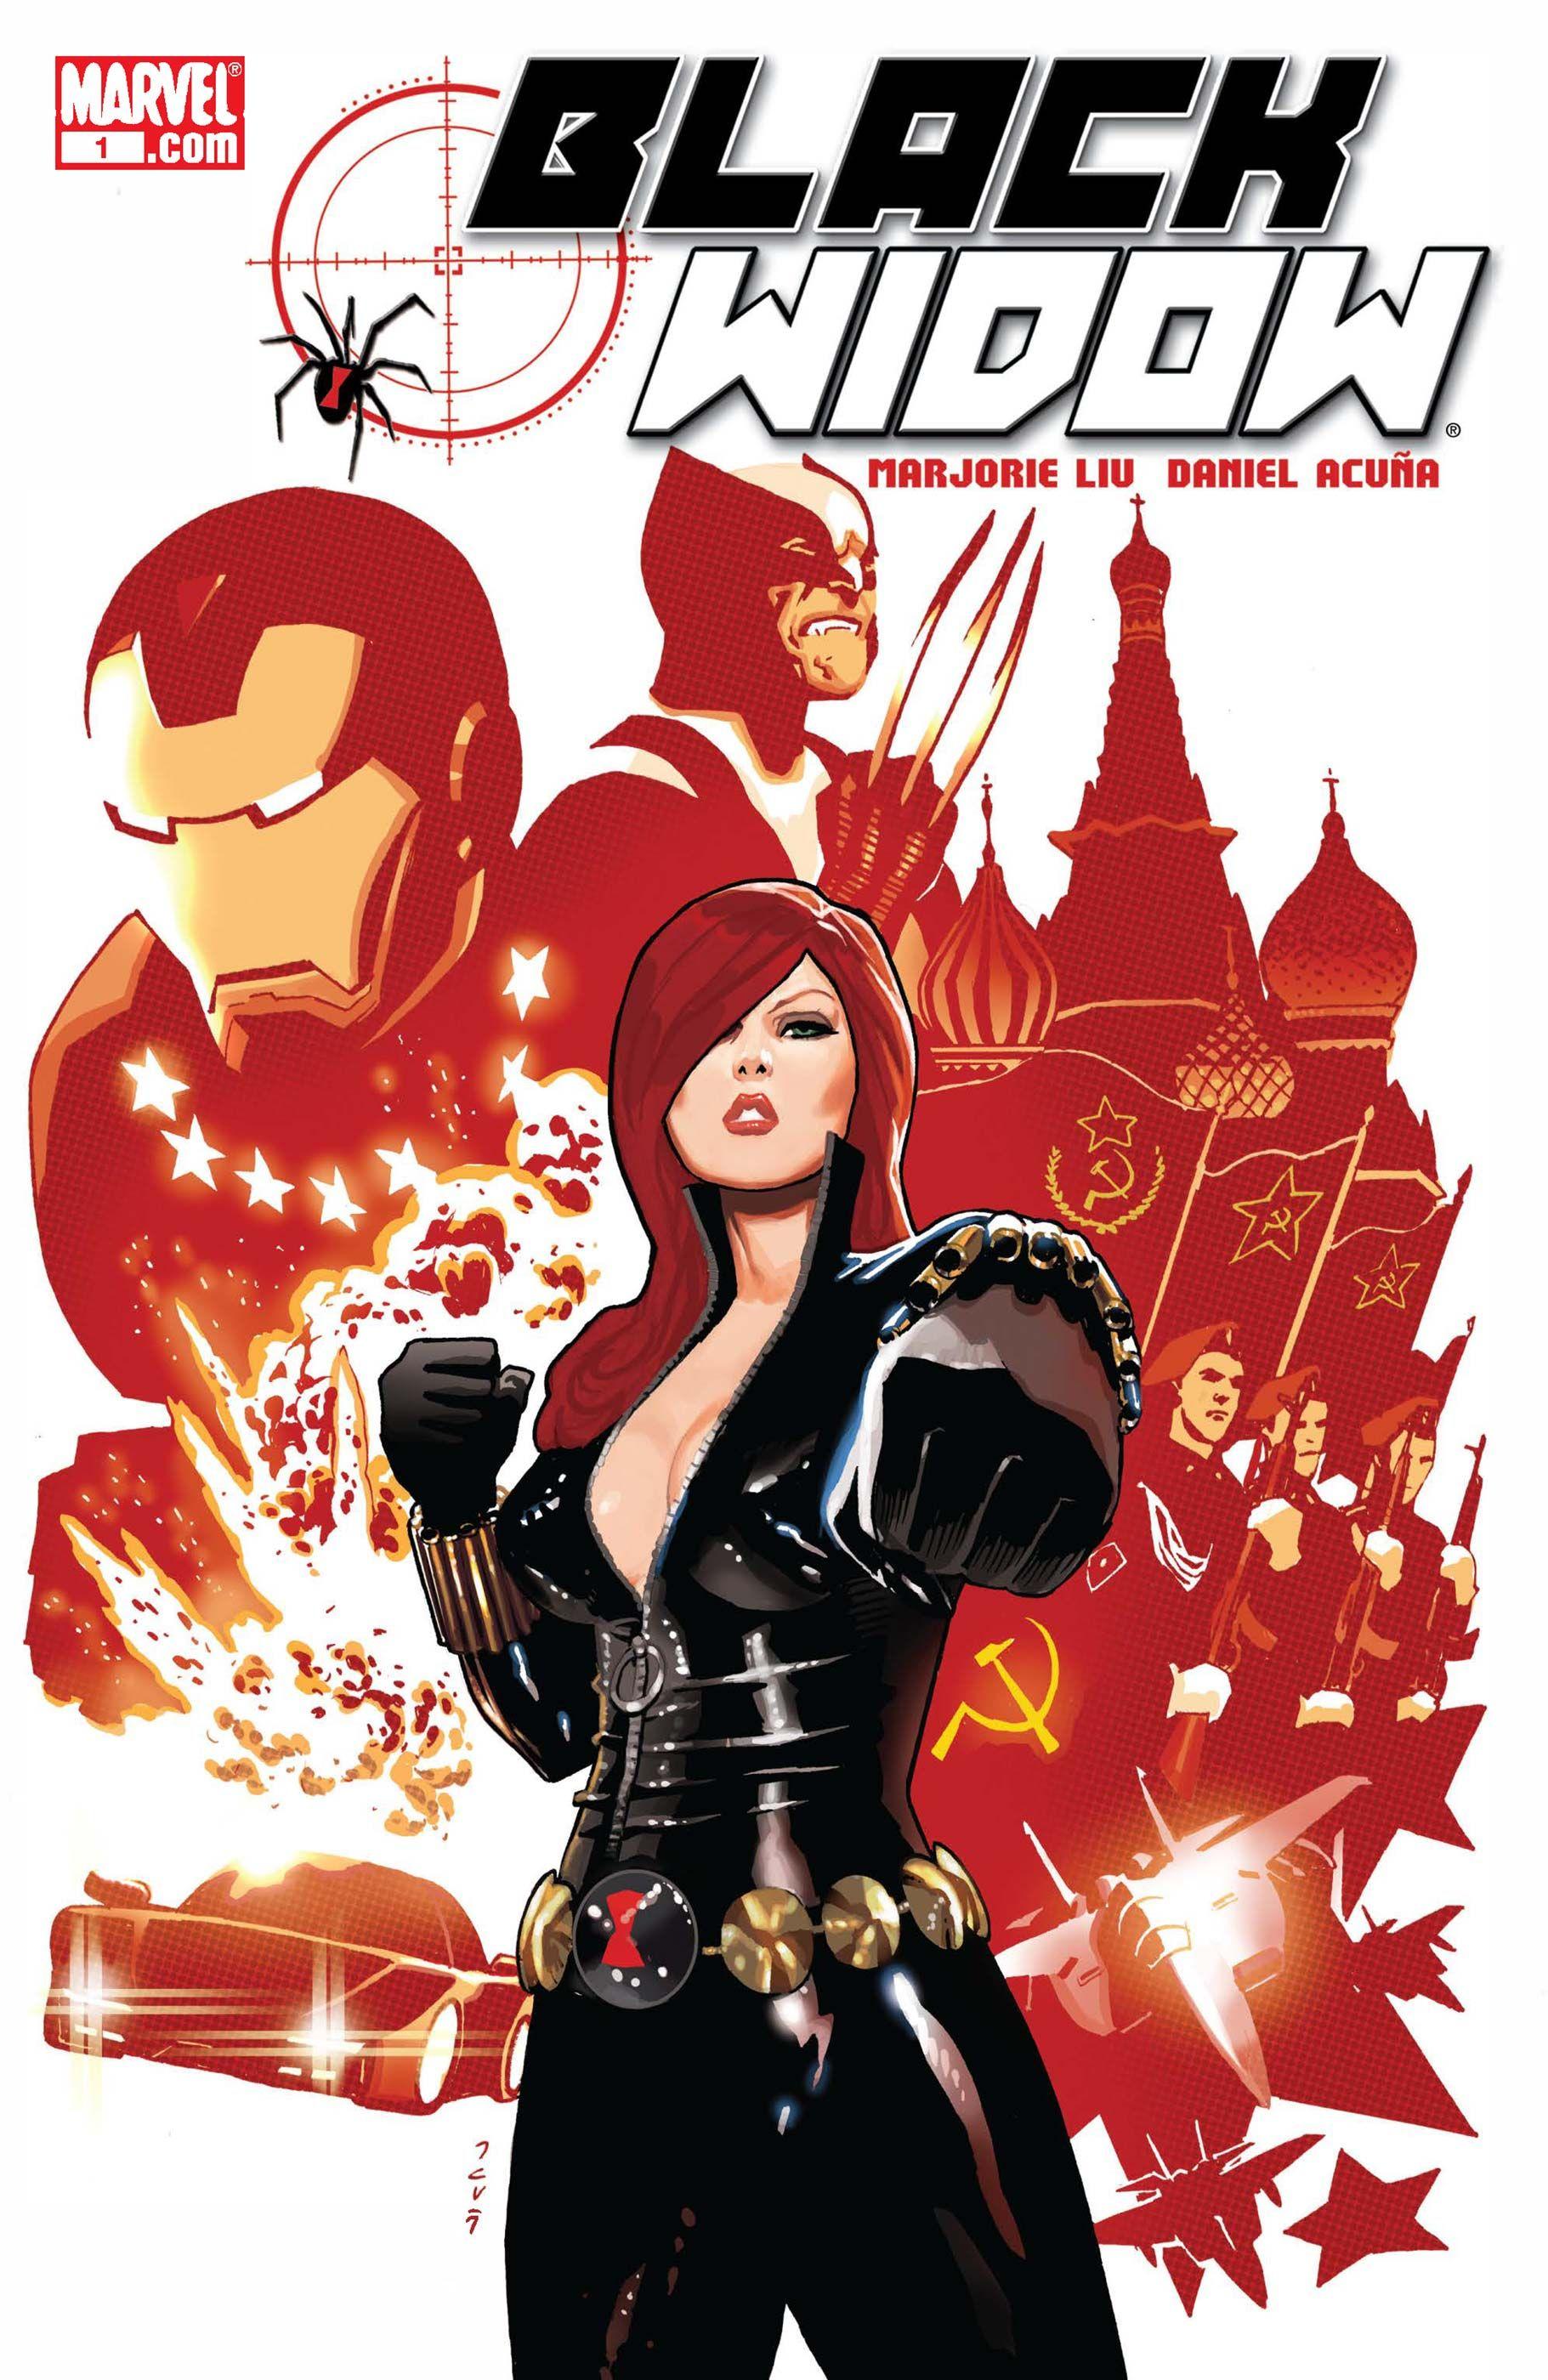 Marvel Comics June 2010